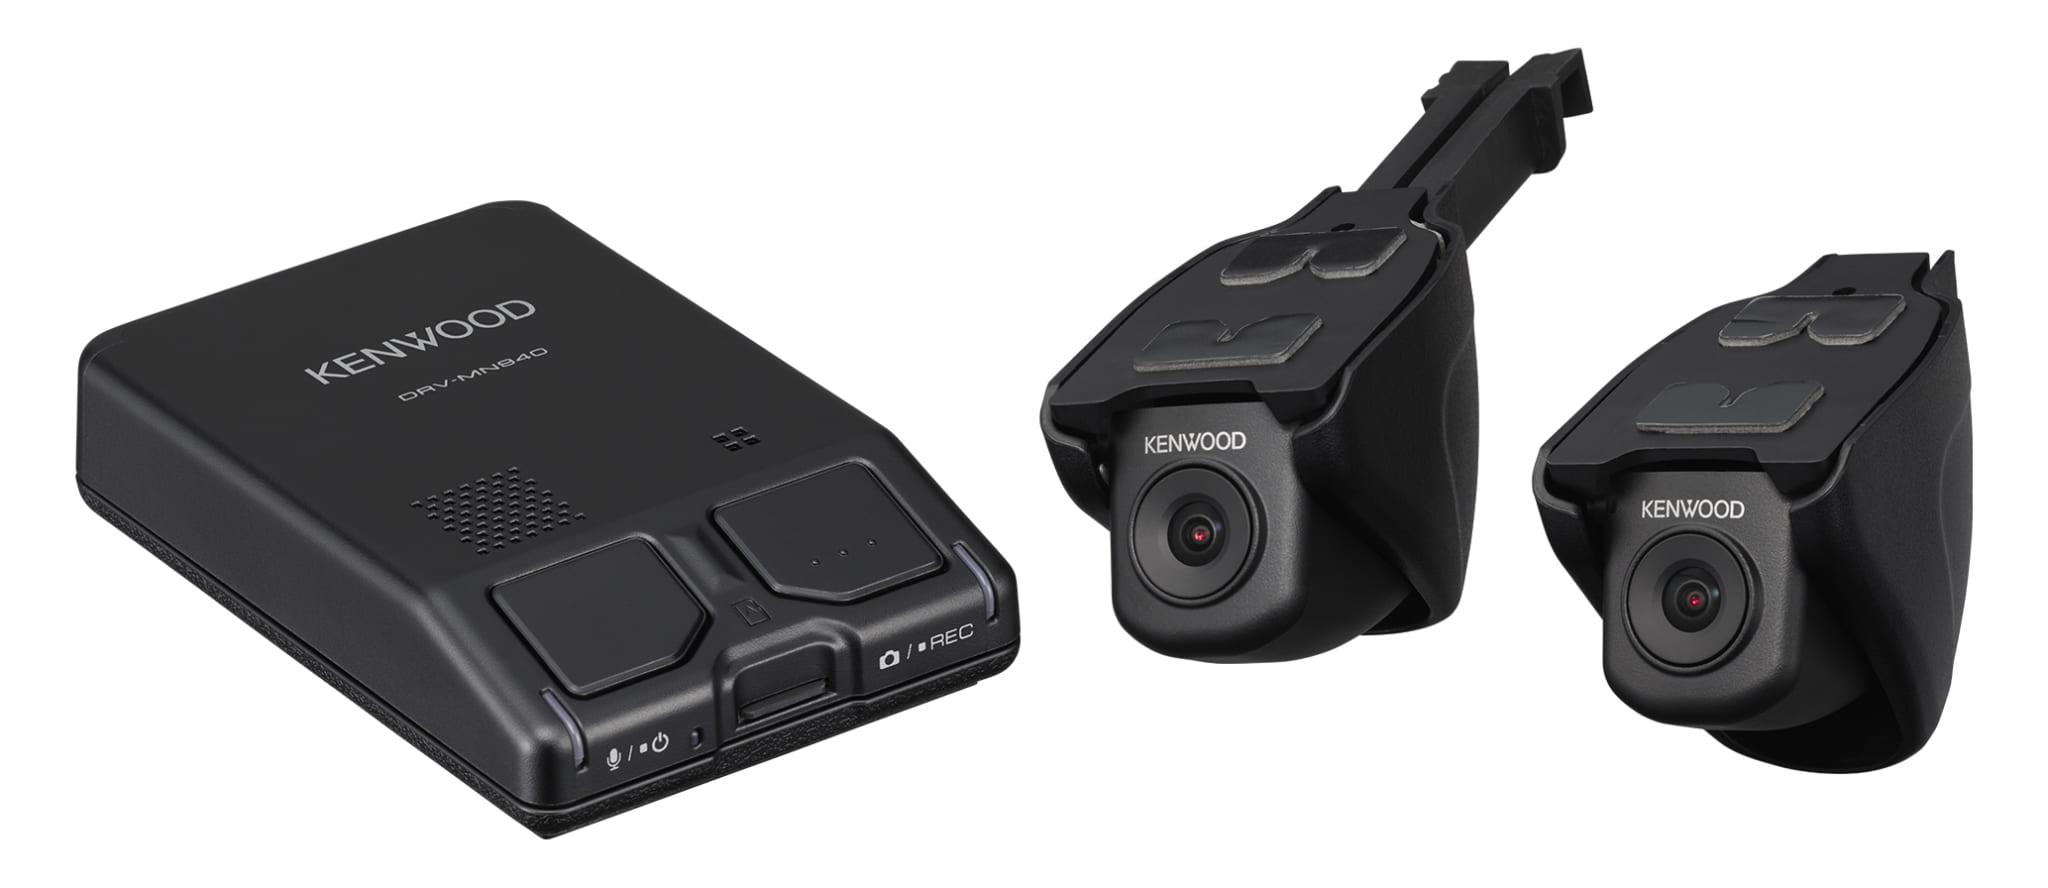 ケンウッド ナビ連携2カメラドライブレコーダー DRV-MN940